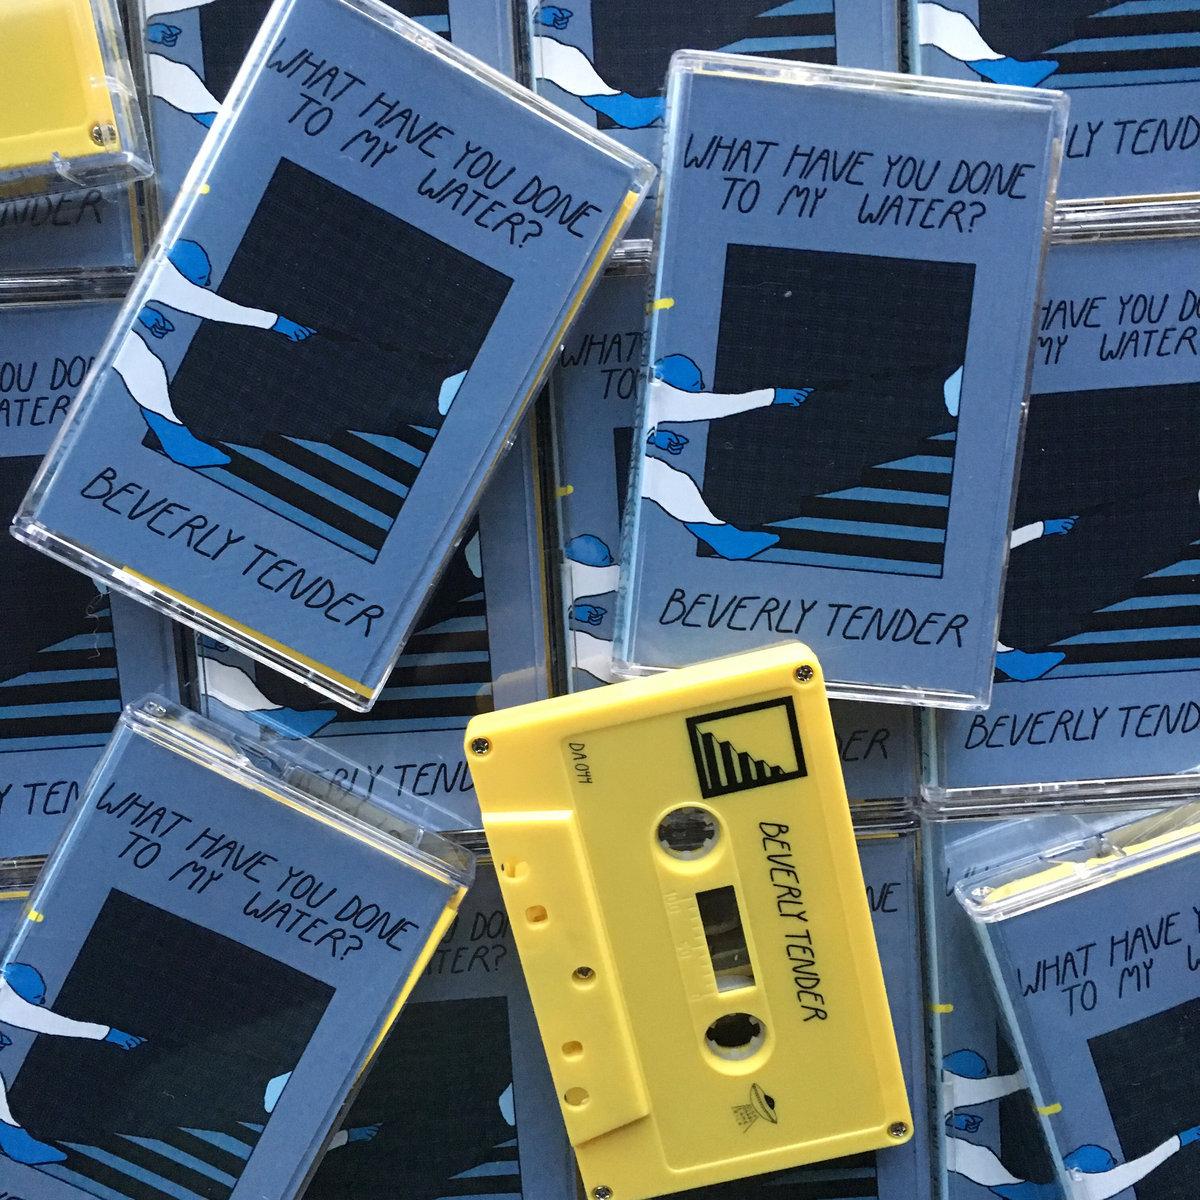 beverly tender cassette pic